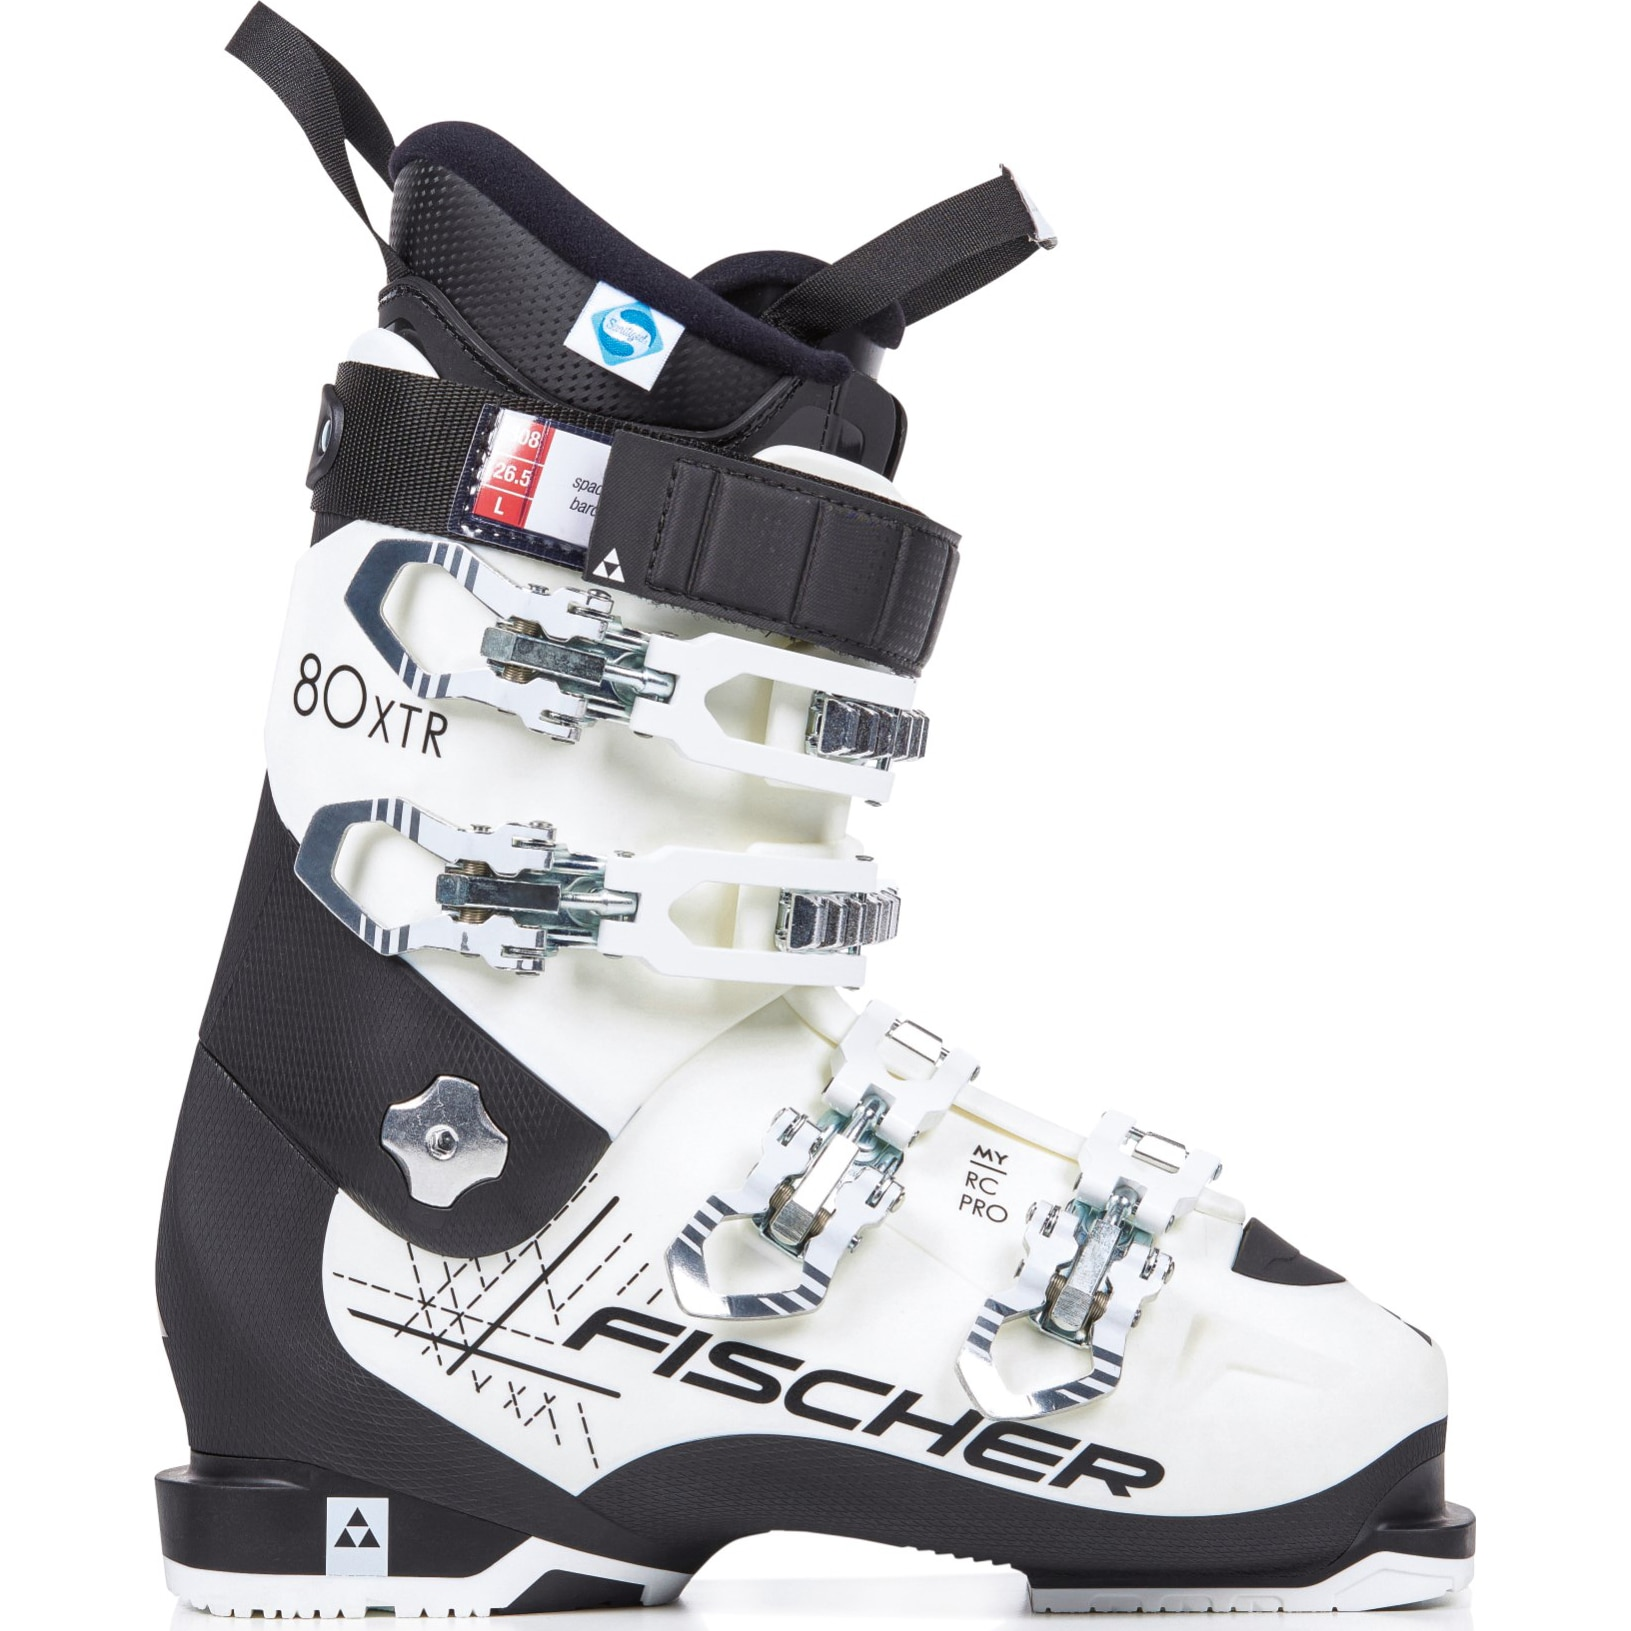 Fotografie Clapari ski Fischer MY RC Pro 80 XTR TS, White/Black, Alb/Negru, 24